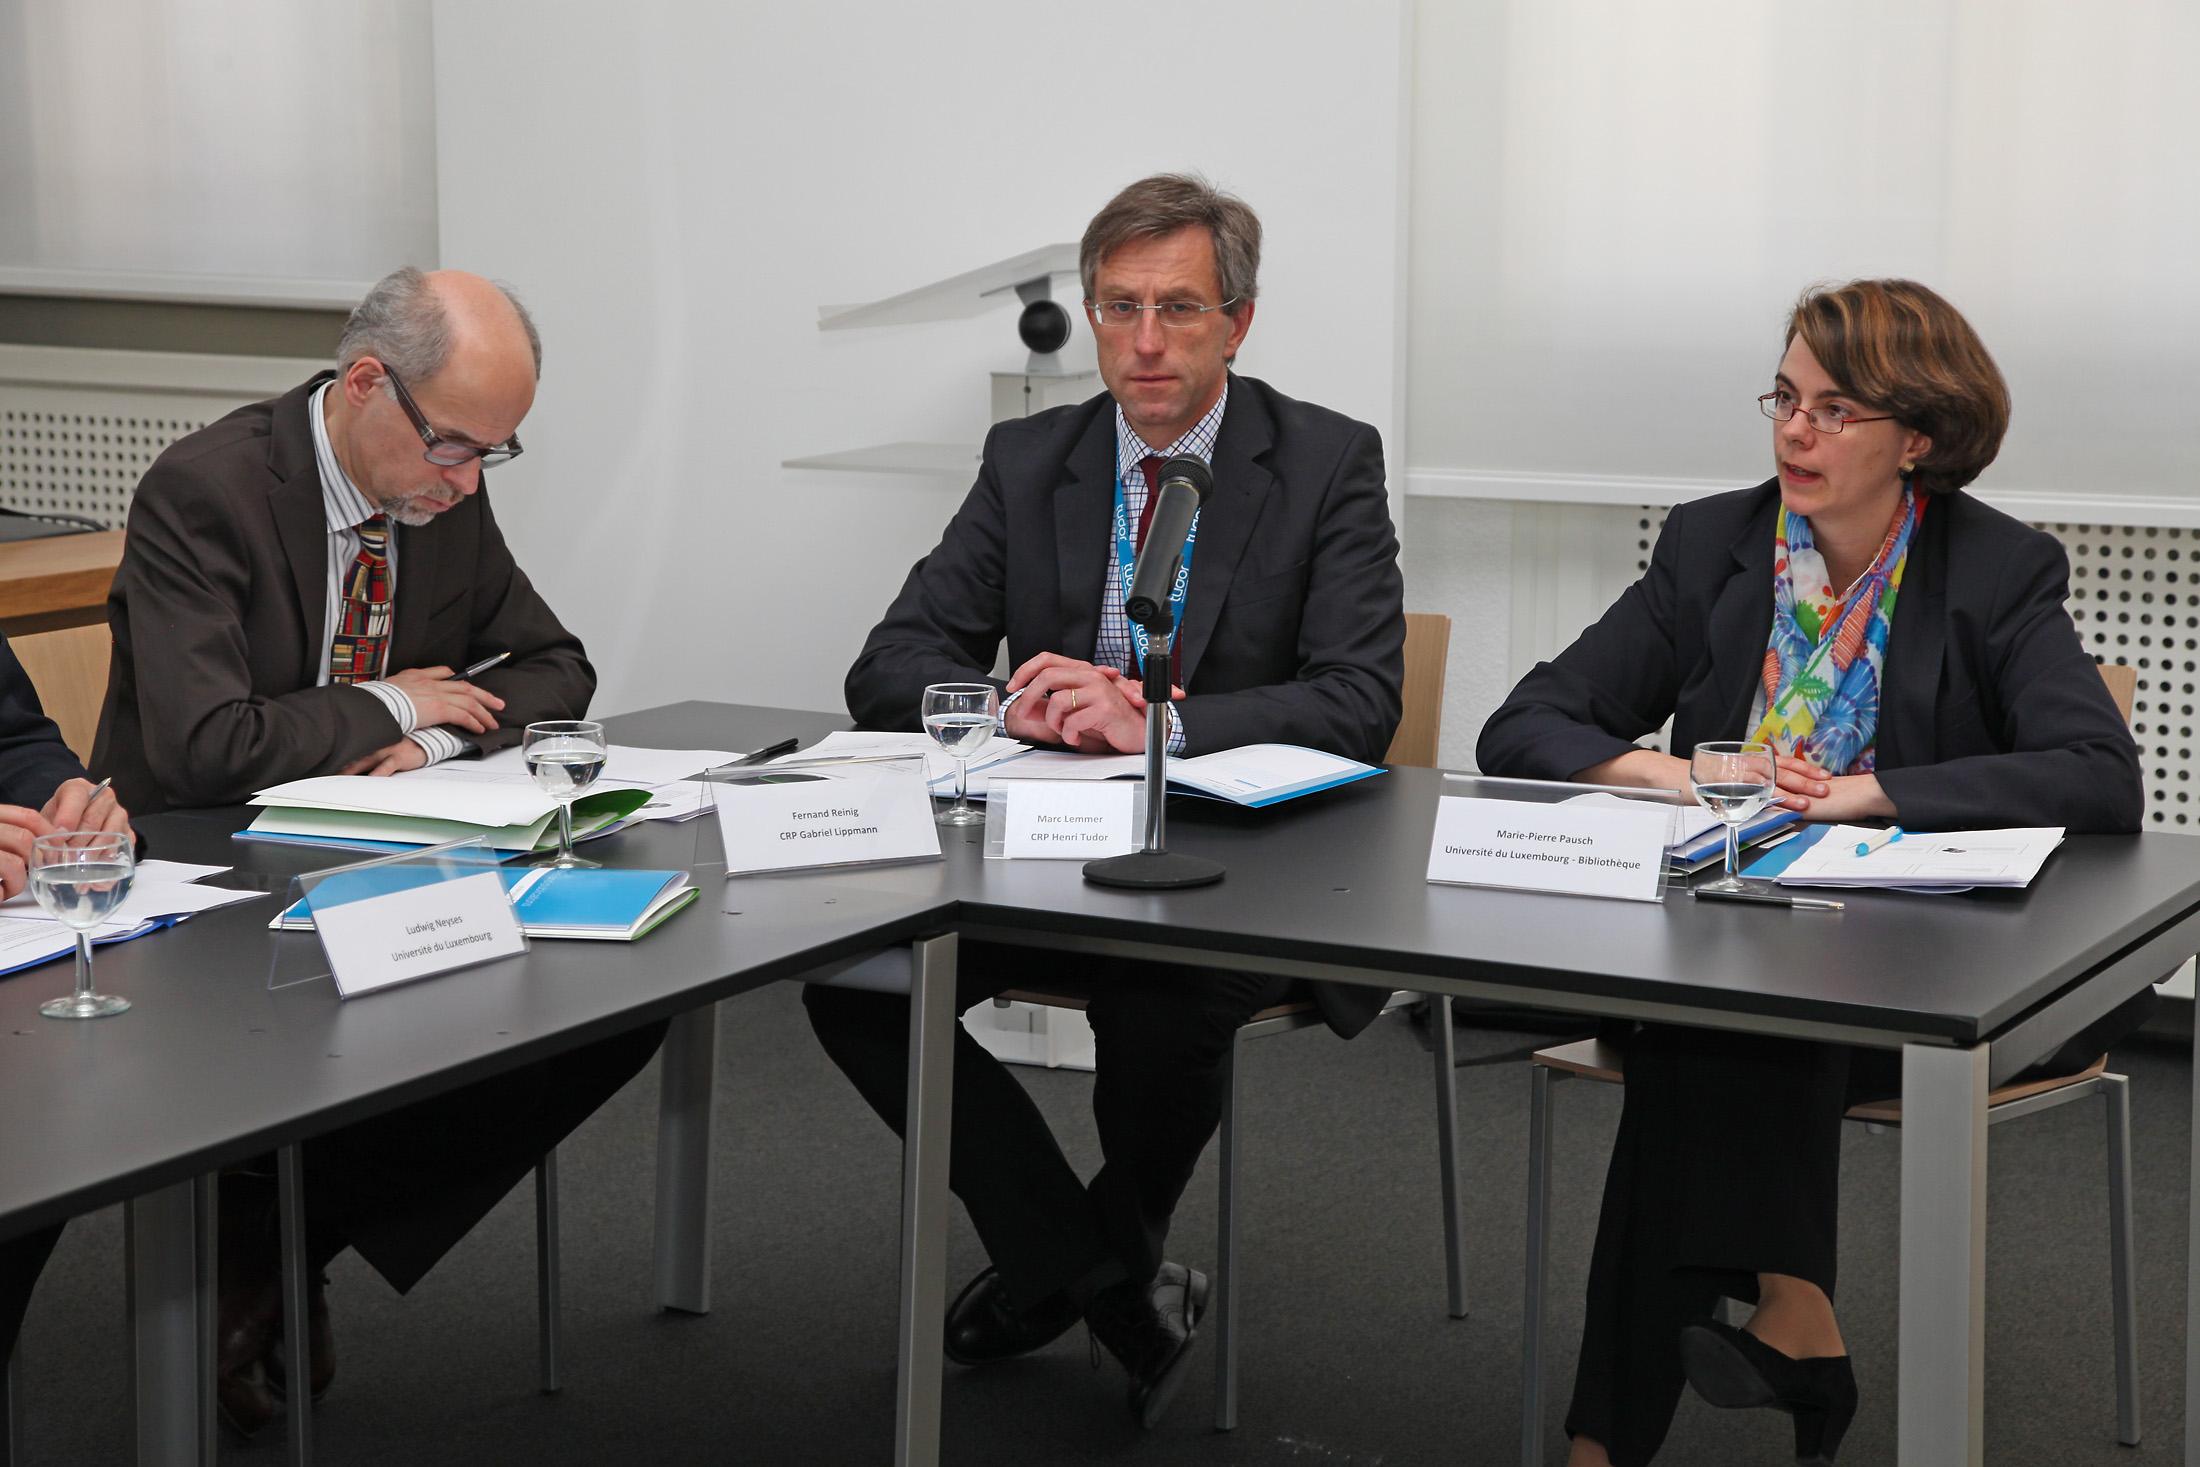 Fernand Reinig (CRP G. Lippmann), Marc Lemmer (CRP H. Tudor), Marie-Pierre Pausch (Université)